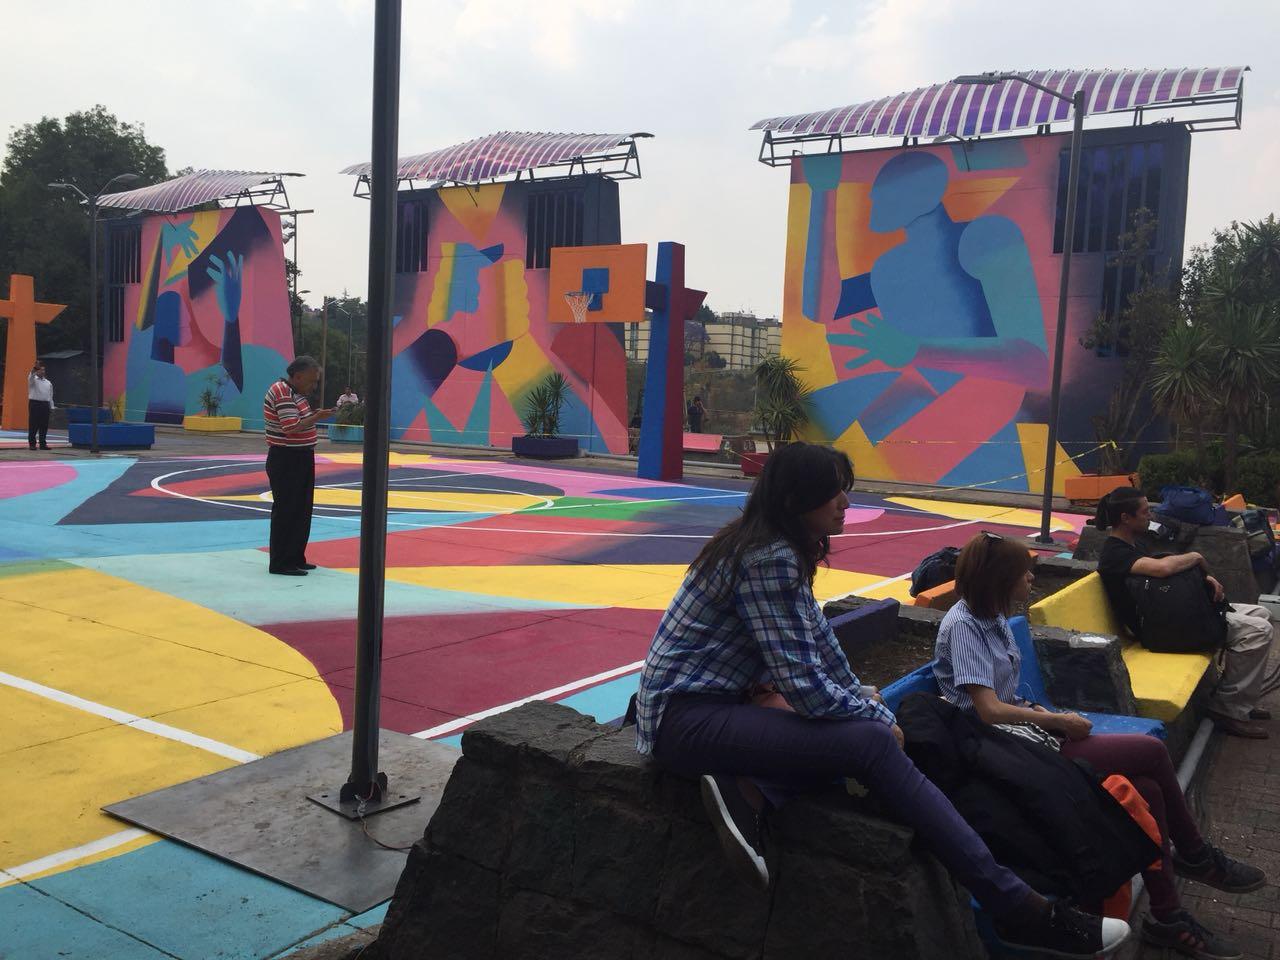 Engie instala celdas solares orgánicas en Ciudad de México